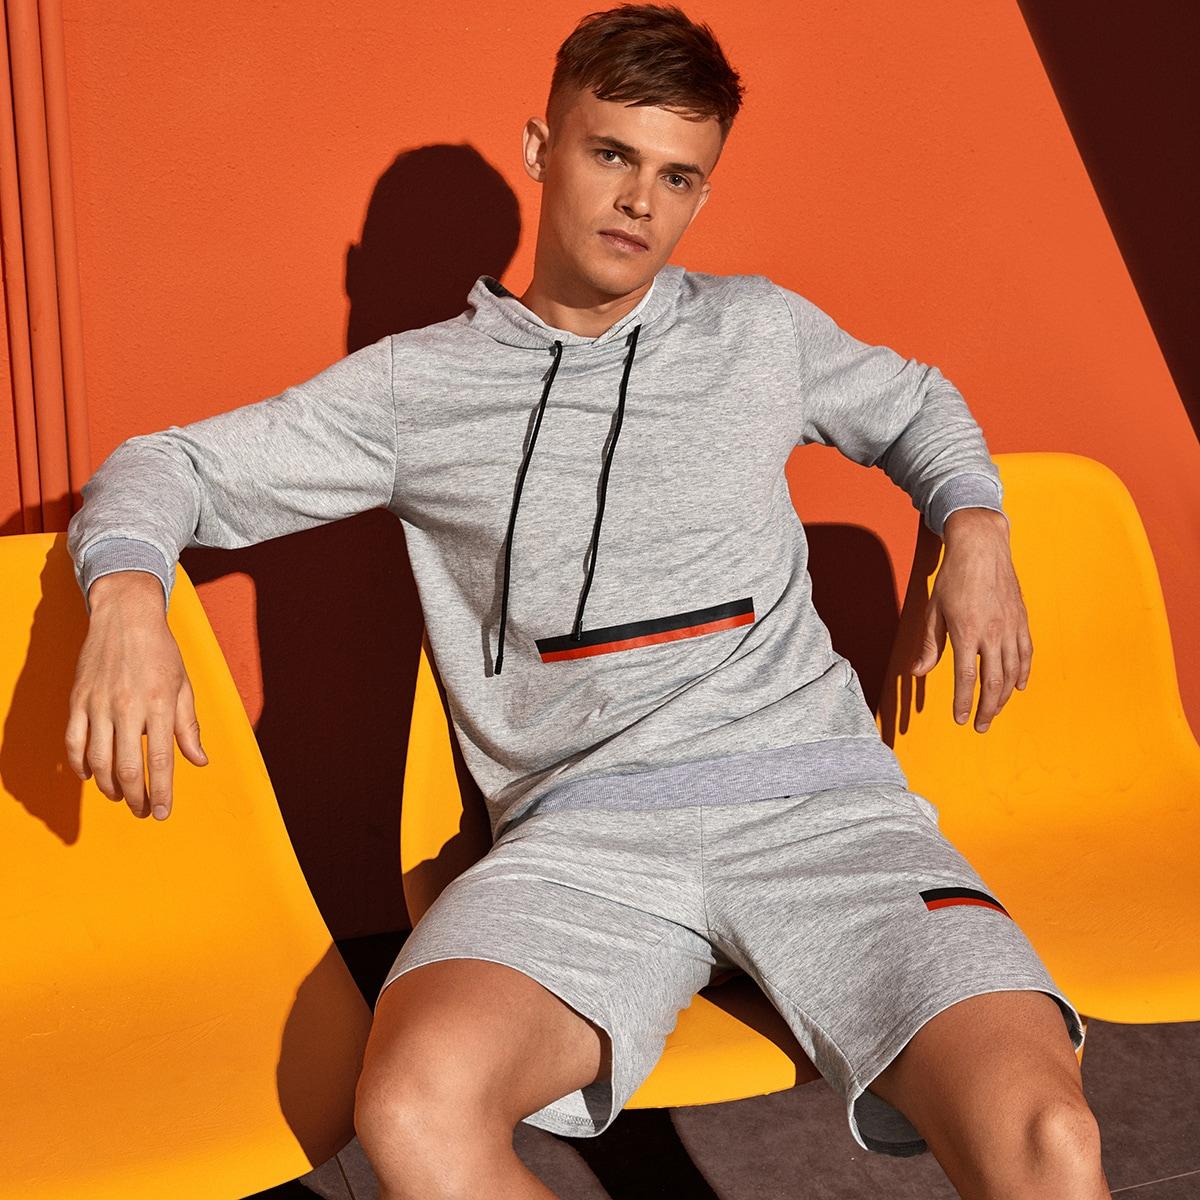 Мужские спортивные шорты и толстовка на кулиске